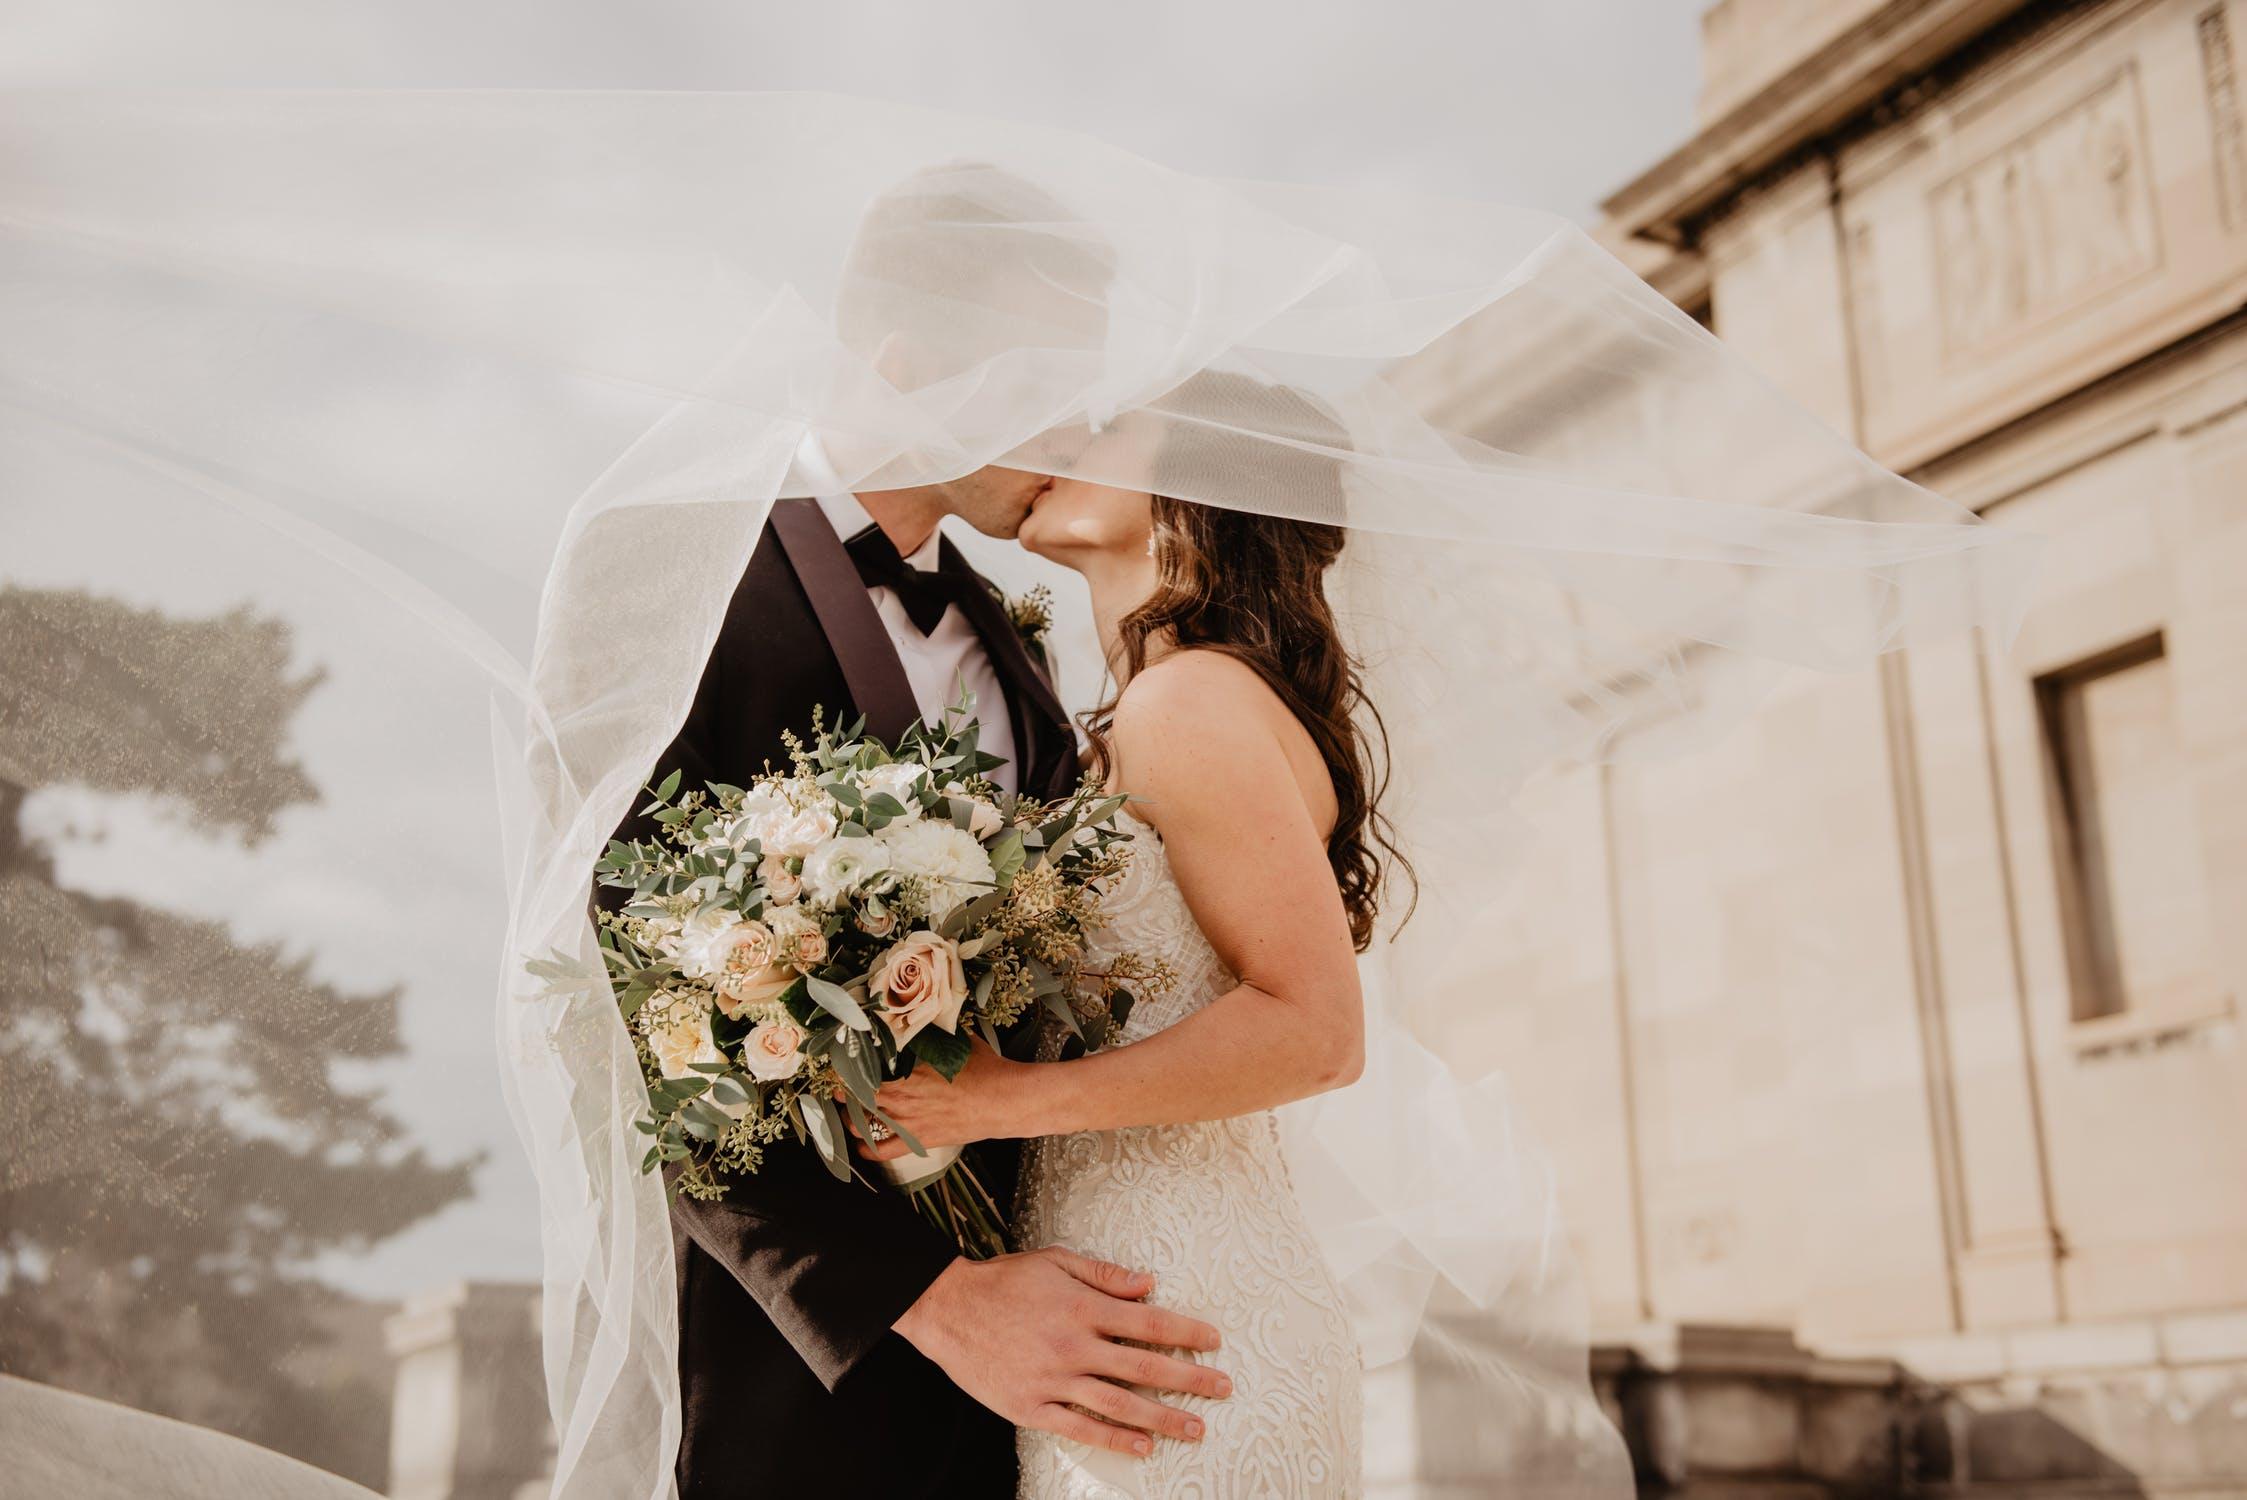 cung hoàng đạo và kiểu chụp ảnh cưới phù hợp